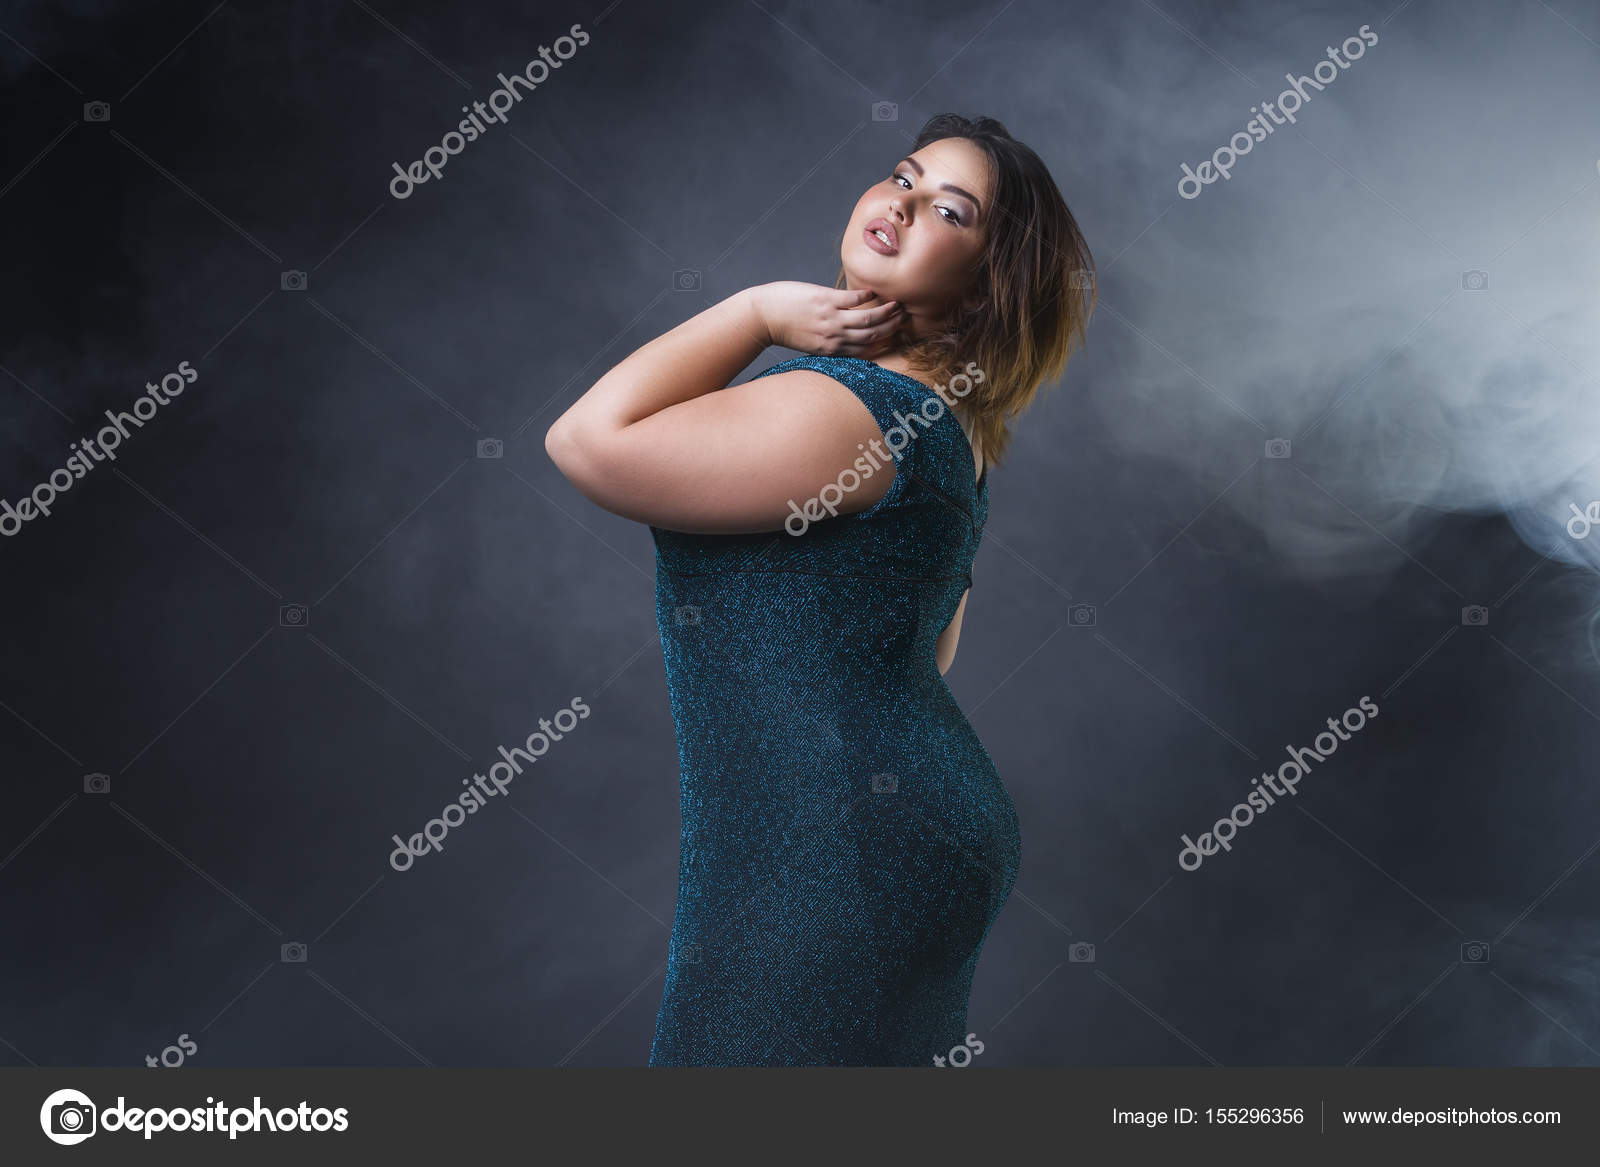 grande taille mannequin en robe de soir e verte grosse femme sur fond noir portrait avec. Black Bedroom Furniture Sets. Home Design Ideas